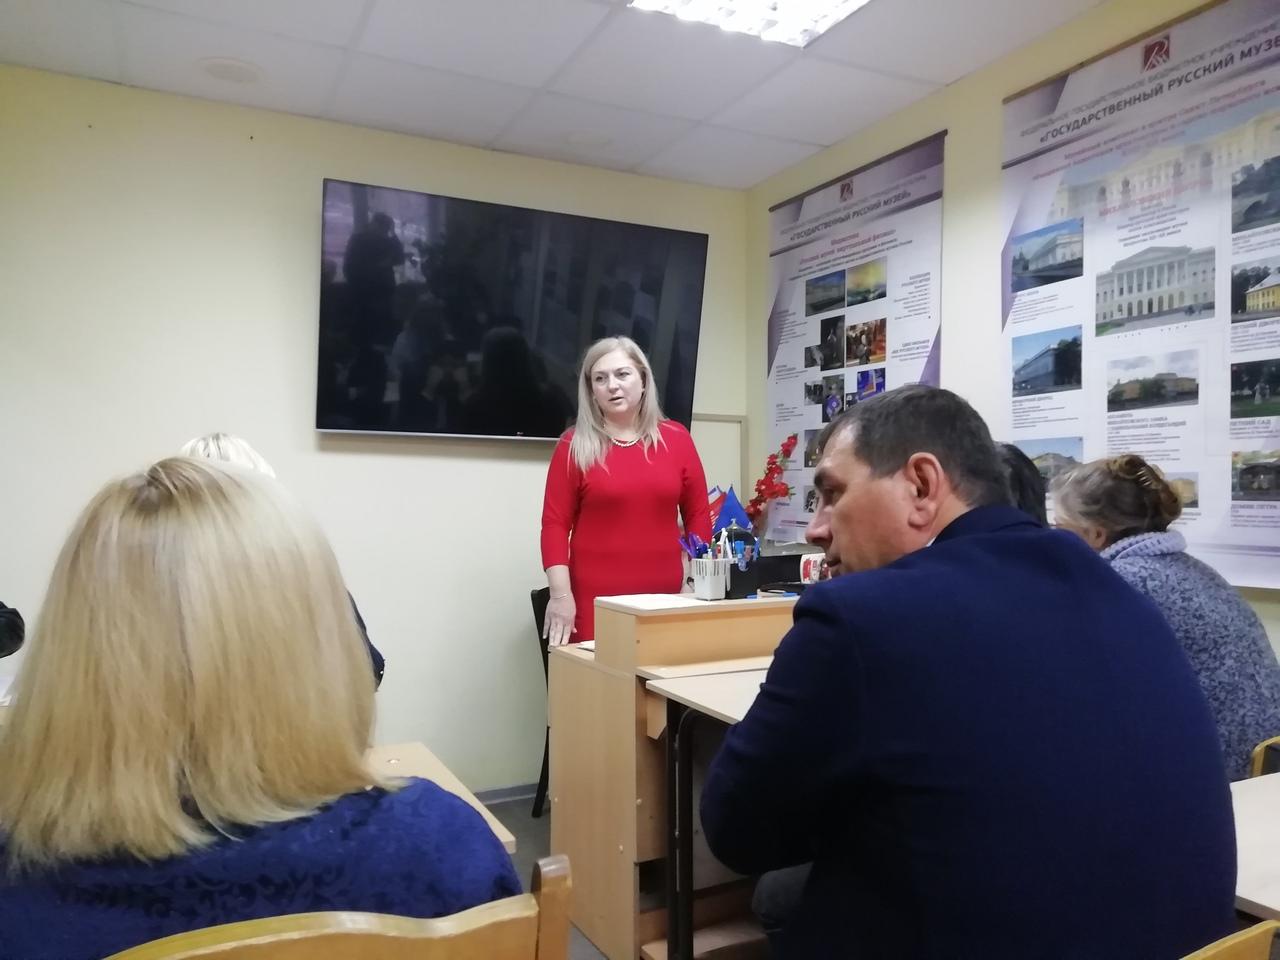 Елена Кукушкина: «Сейчас и вся страна знает, что на Ямале выборы проходят нечестно»